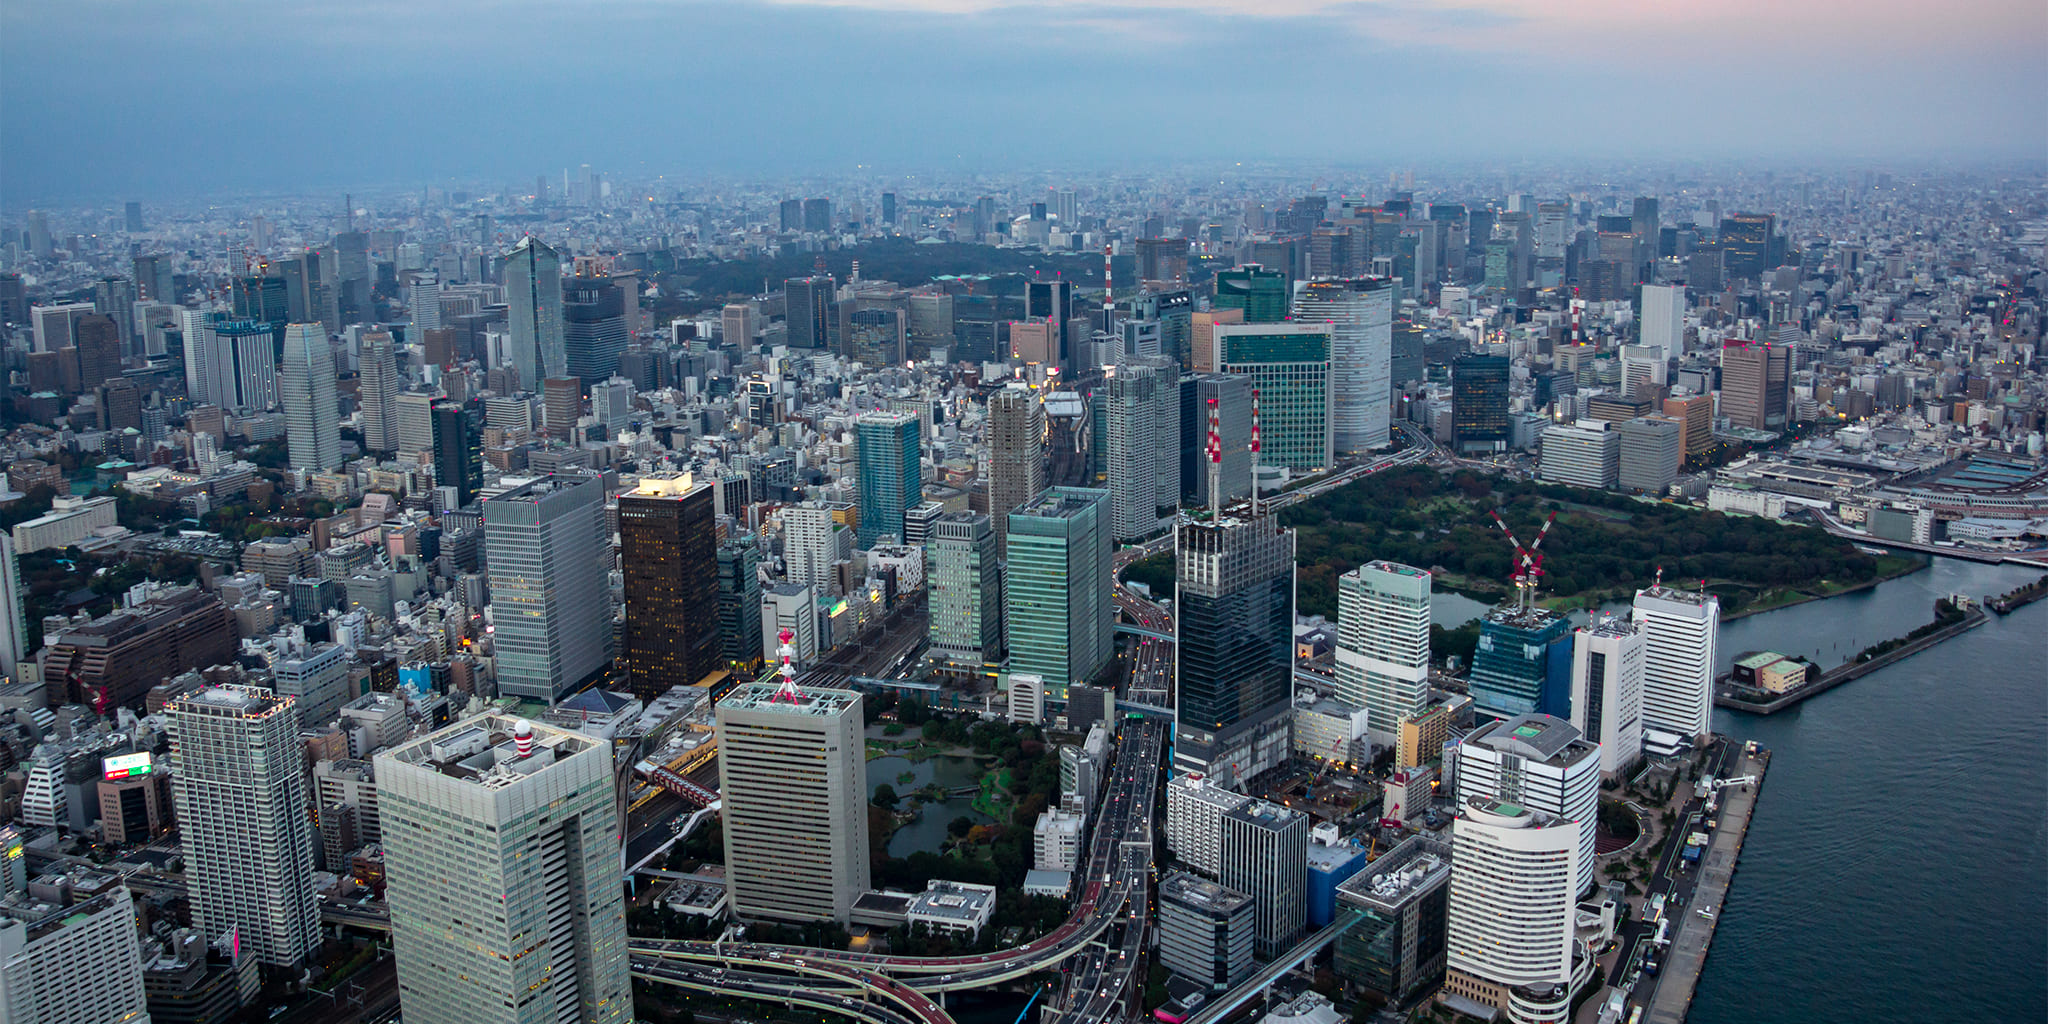 ヘリコプターで東京上空をフライトして見える竹芝